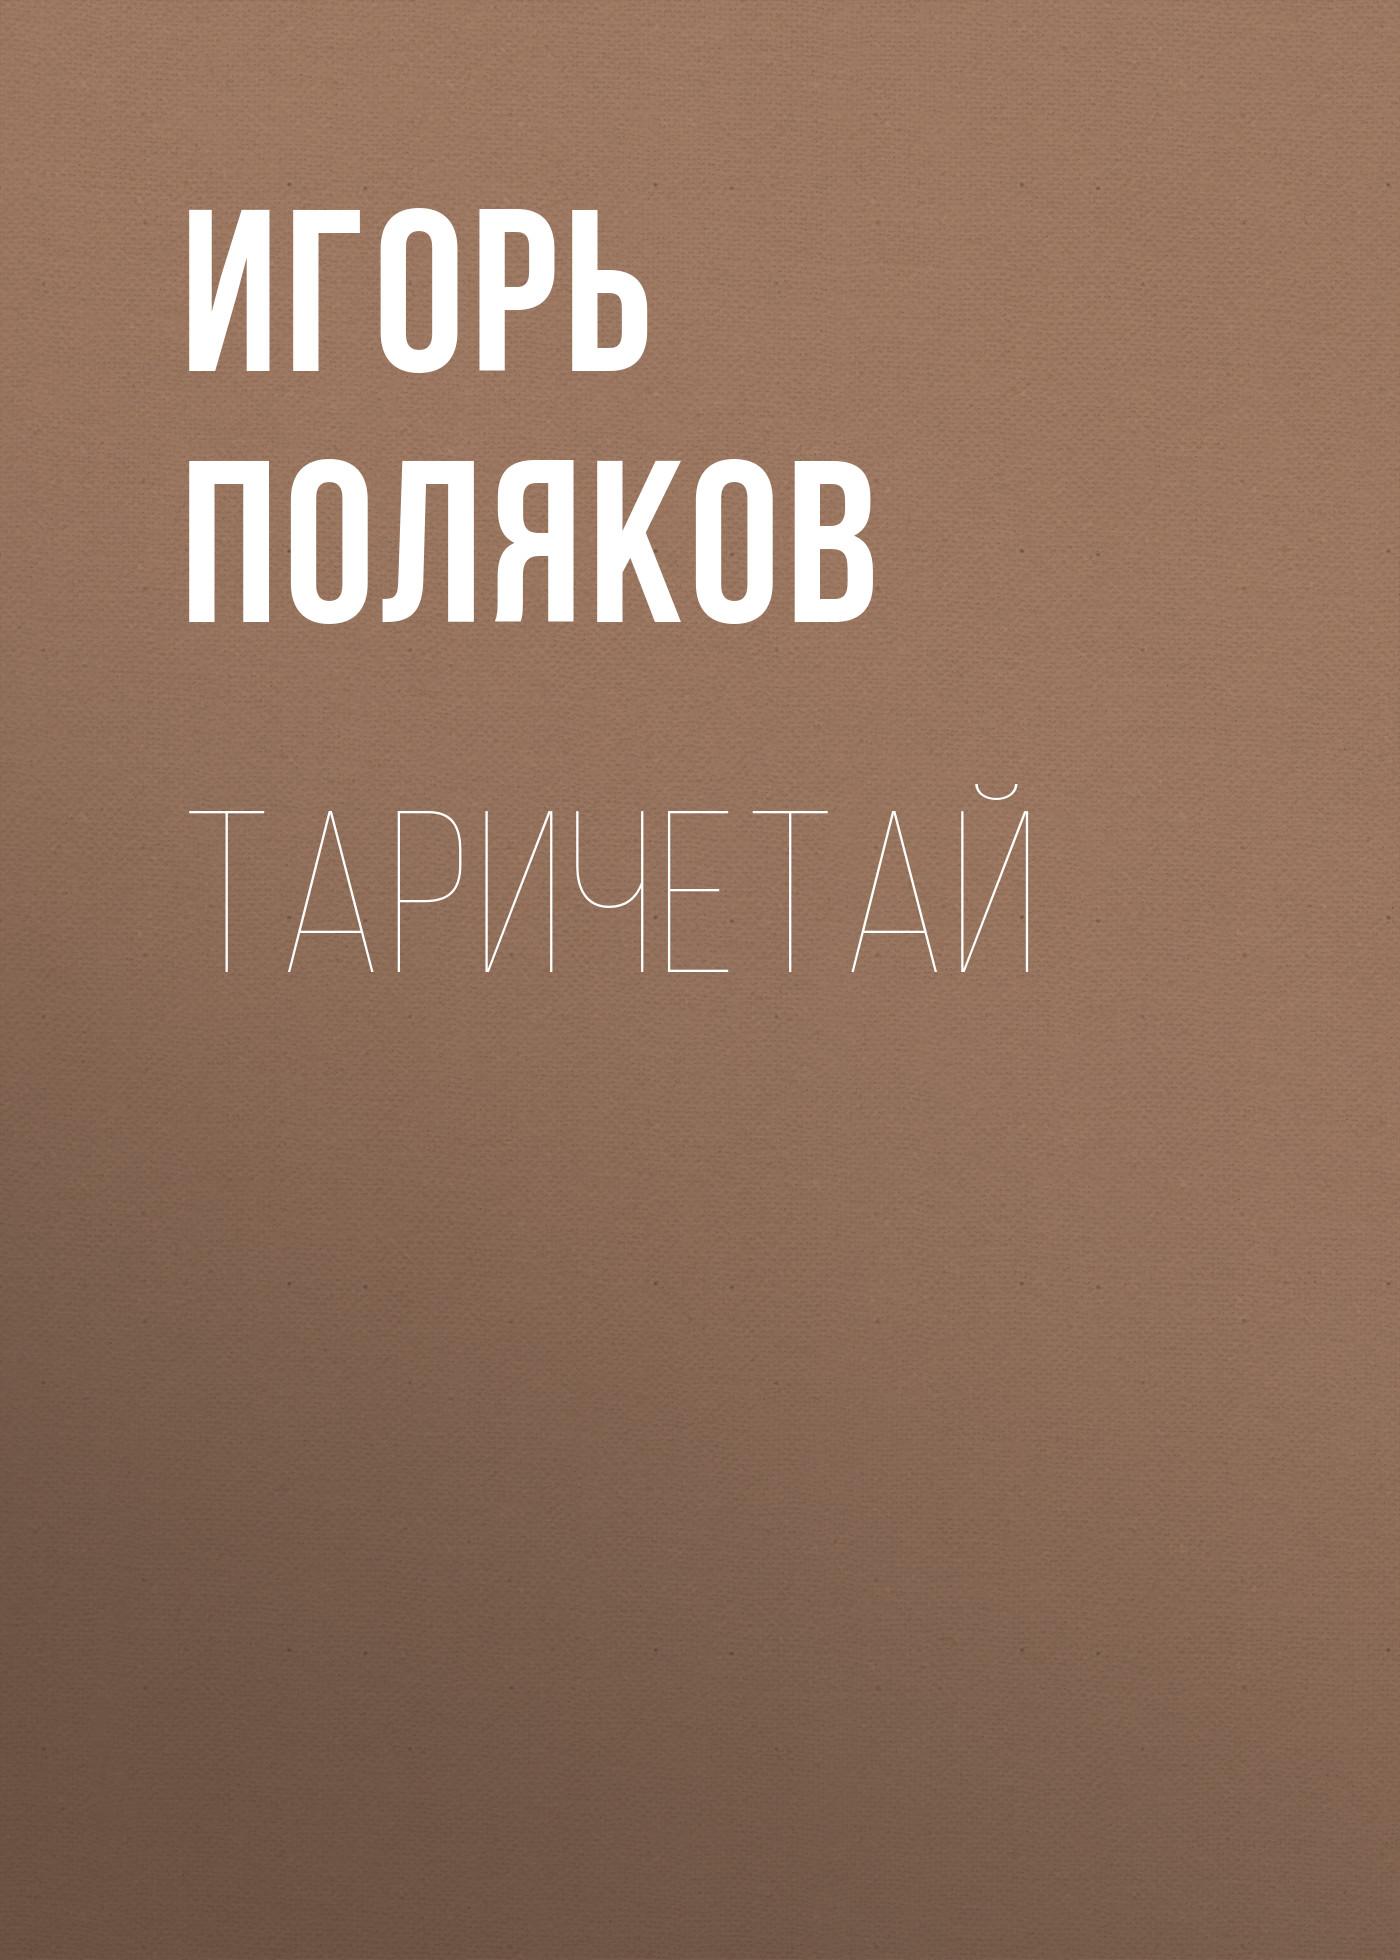 все цены на Игорь Поляков Таричетай онлайн